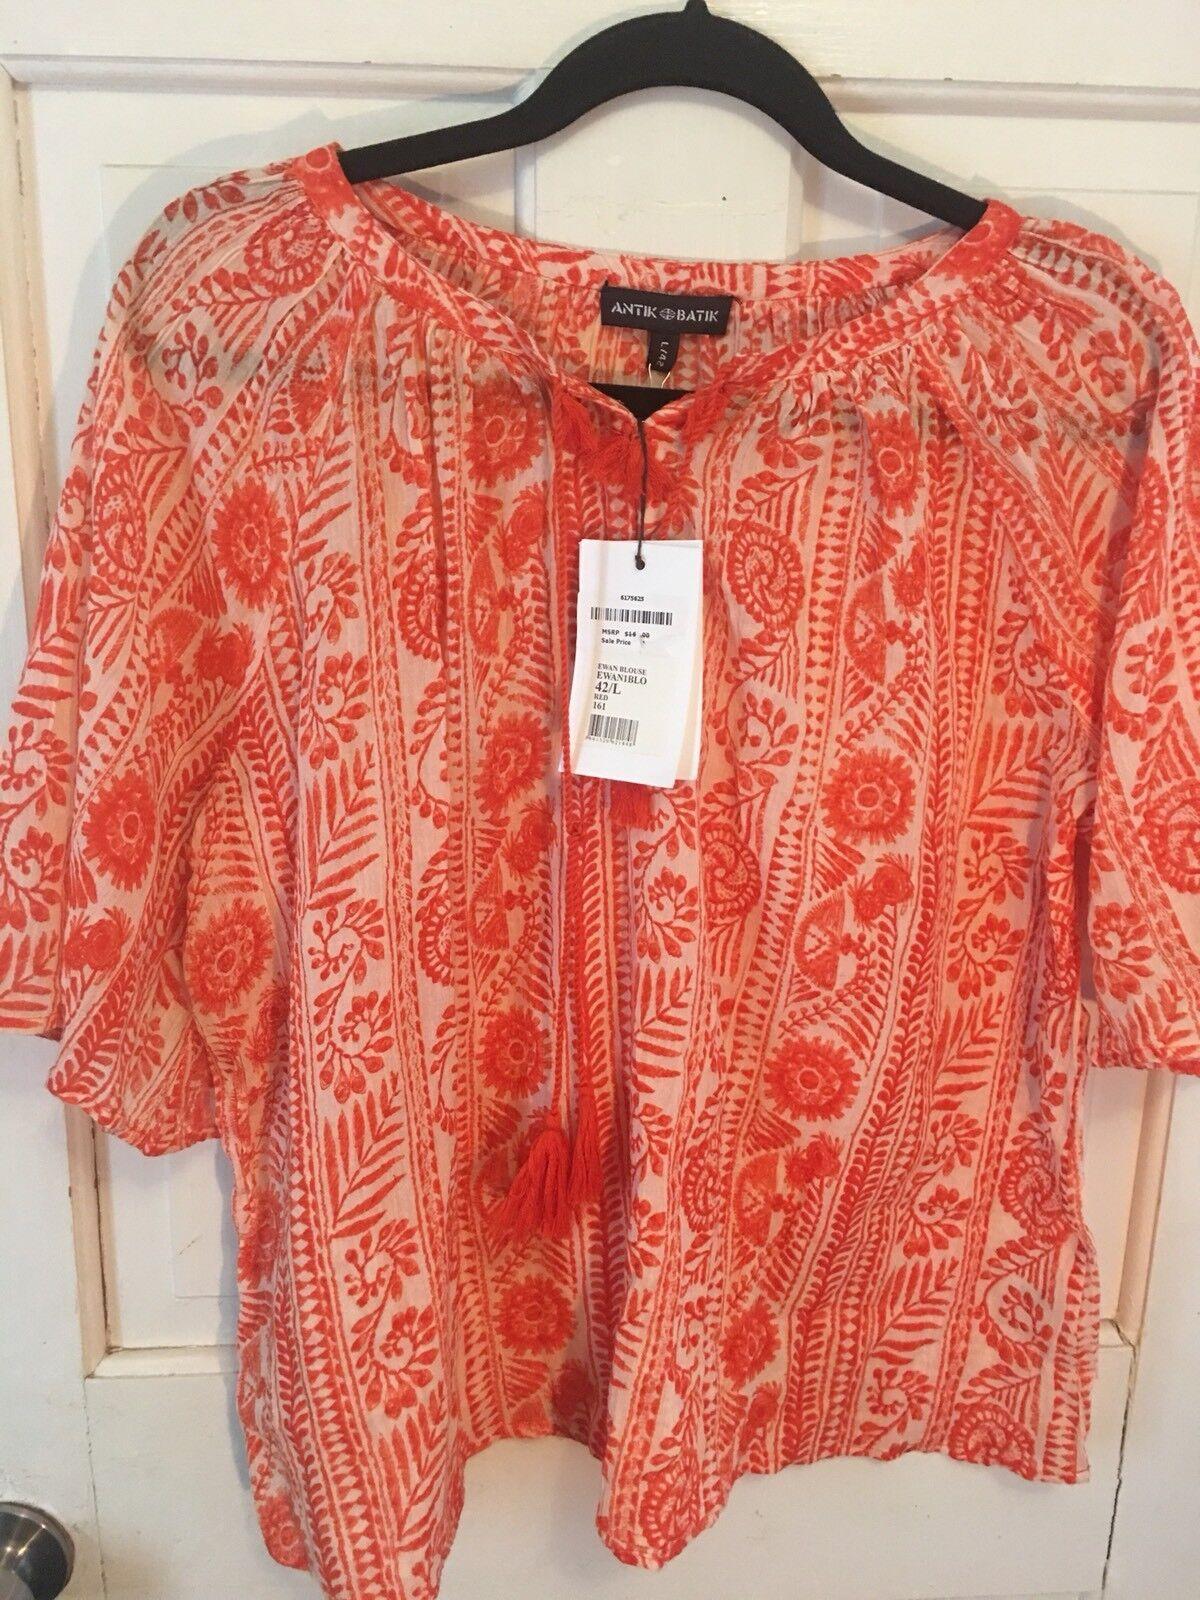 57. Anthropologie Antik Batik Orange rot Tassel Ethnique Tunique L